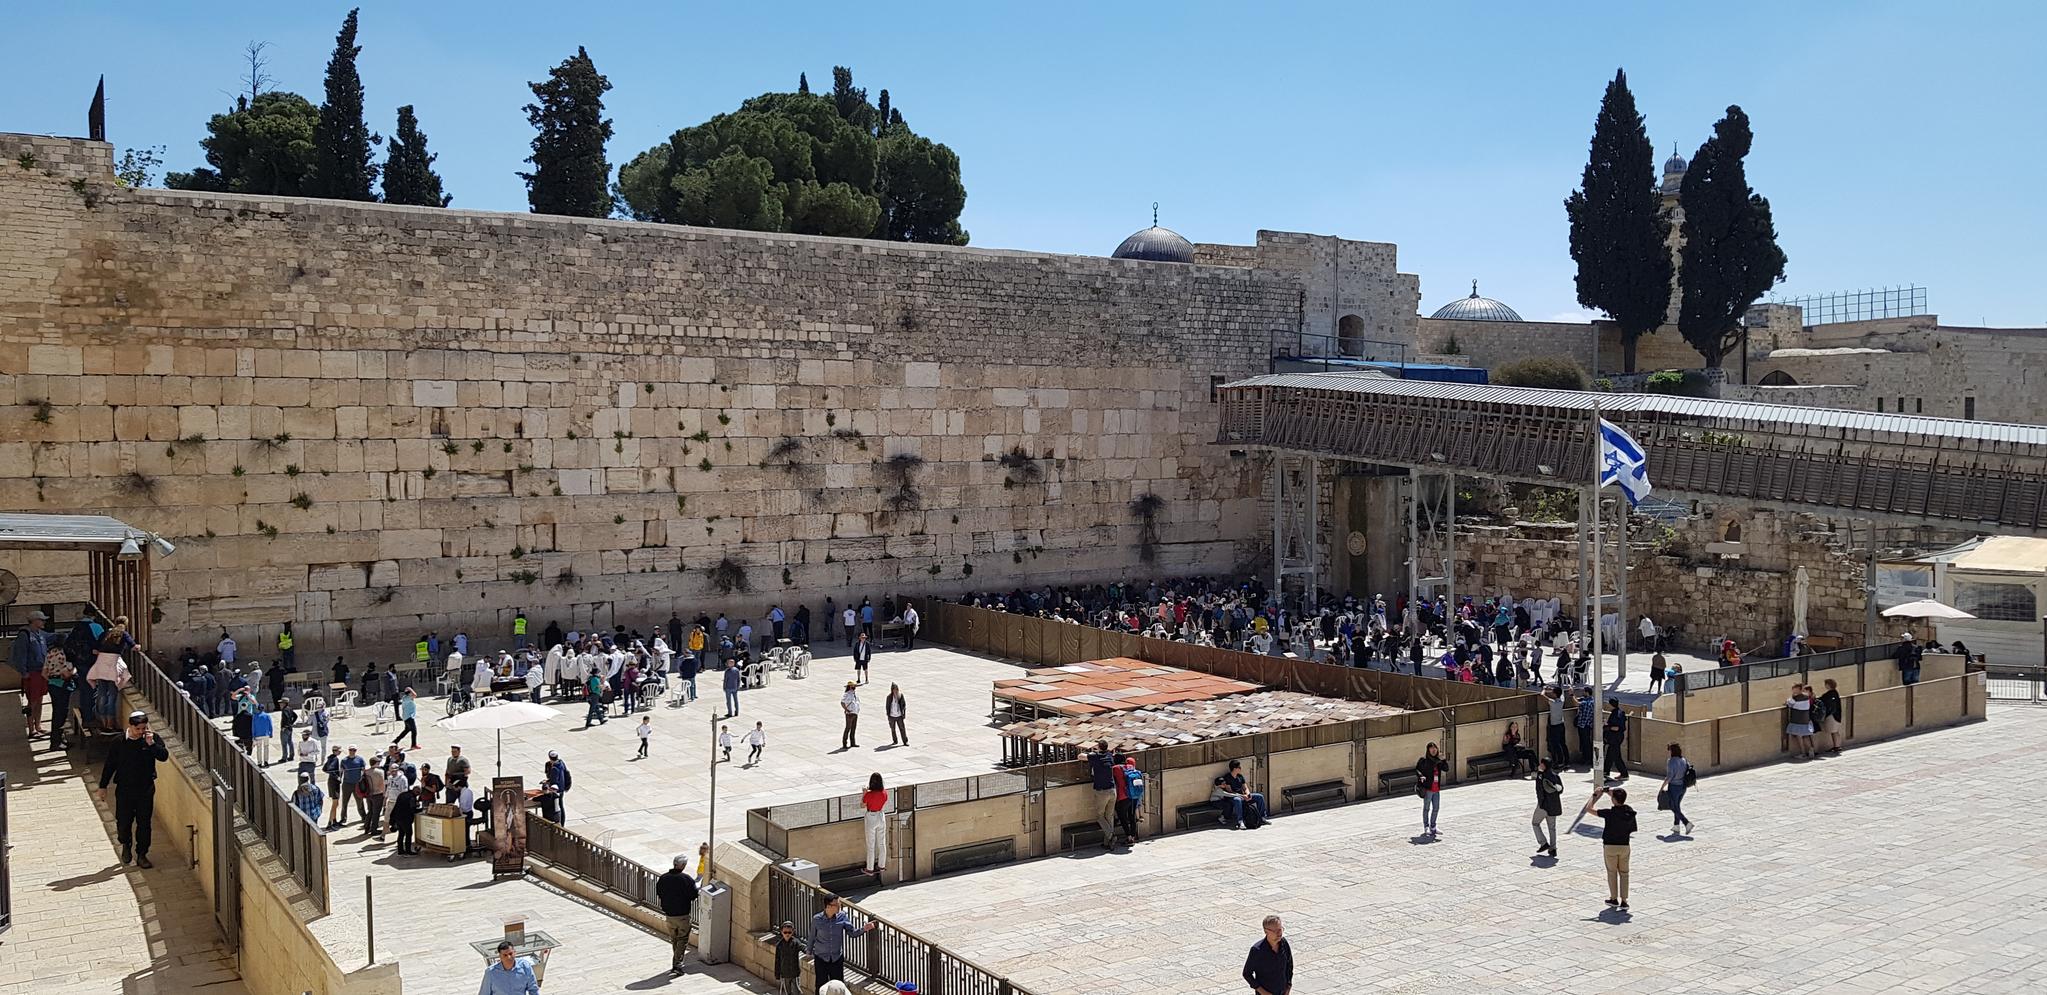 역사의 현장인 예루살렘 구시가지 '통곡의 벽'은 첨단과학으로 거듭났다. 안내소에서 고대 성전을 가상현실(VR)로 체험하고 지하터널에서 고고학 발굴 성과도 확인할 수 있다. 채인택 기자